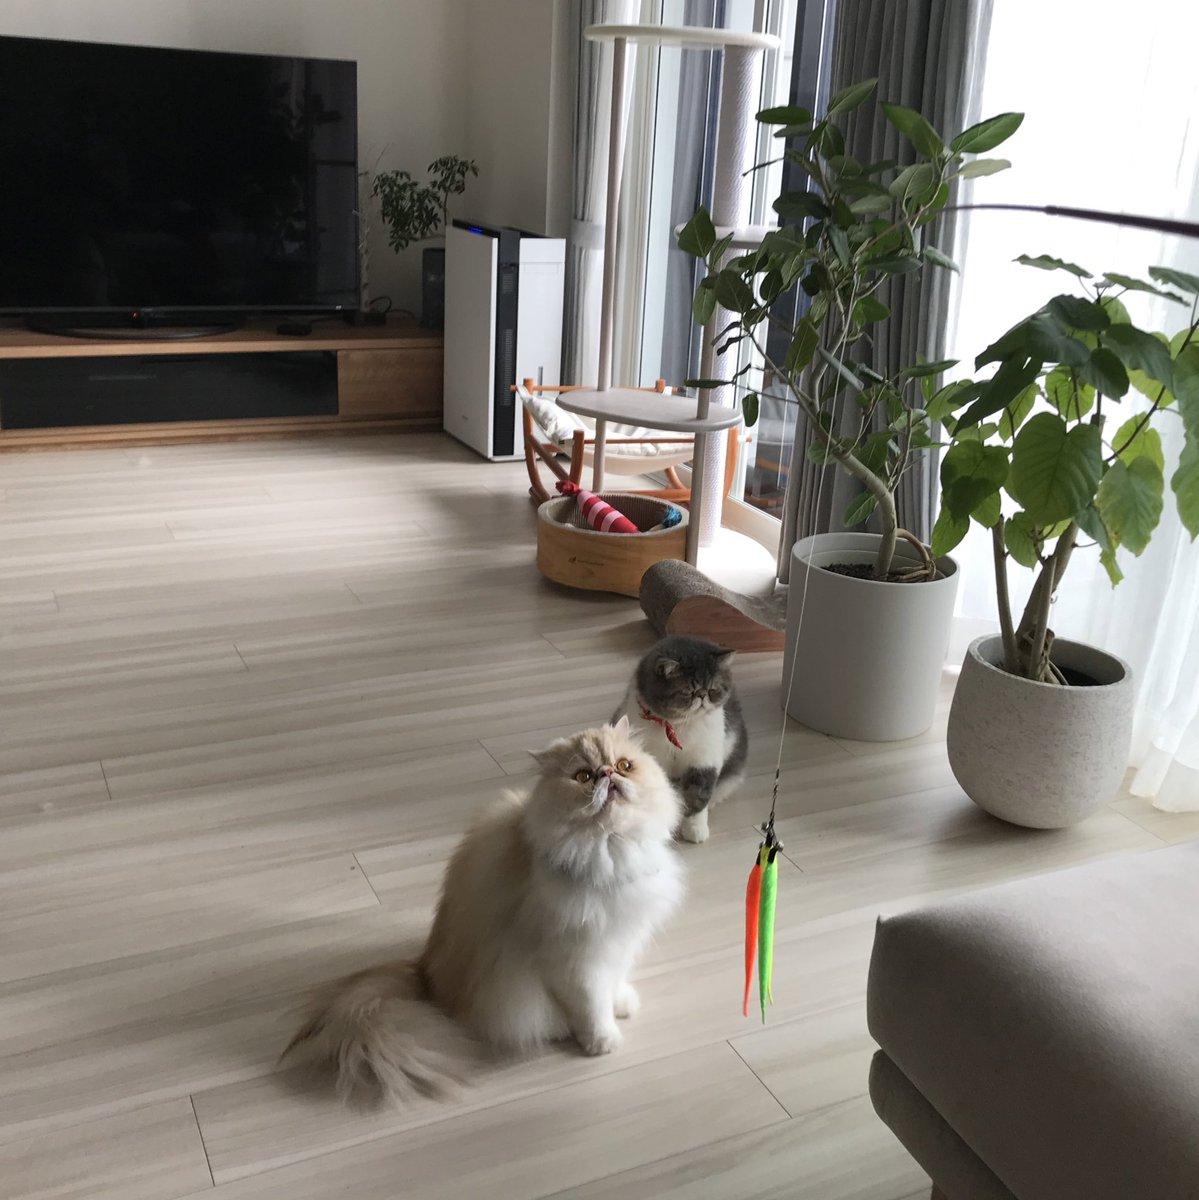 momotaro&shishimaru『猫釣り中だよ!』  #猫釣り #猫 #ねこ #ネコ #ねこ部 #にゃんすたぐらむ #はなぺちゃ #エキゾチックショートヘア #ペルシャ猫 #catfishing #cat #catstagram #catphoto #catpic #catlife #catlove #dailycat #instacat #meow #meowstagram #exoticshorthaircat #persiancat pic.twitter.com/0oGdUmImKu